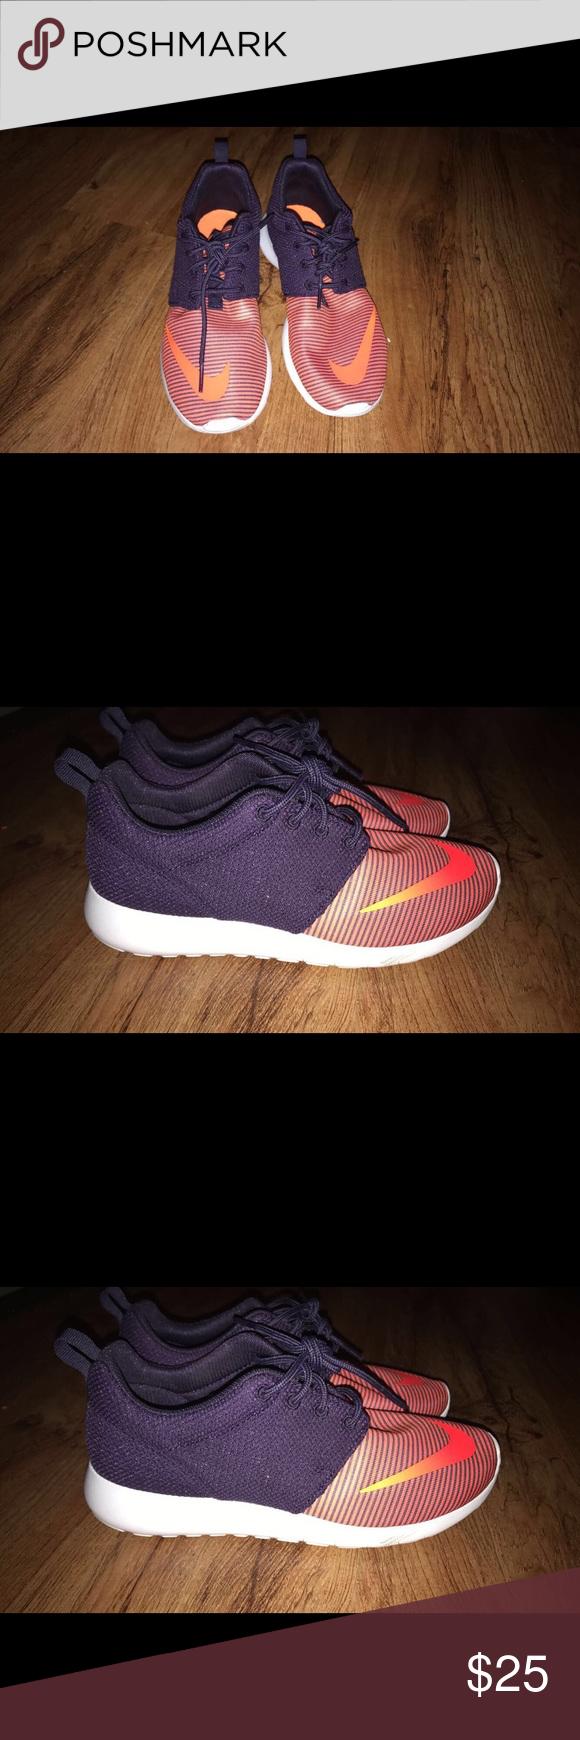 Nike roshe run size 5.5 youth | Nike